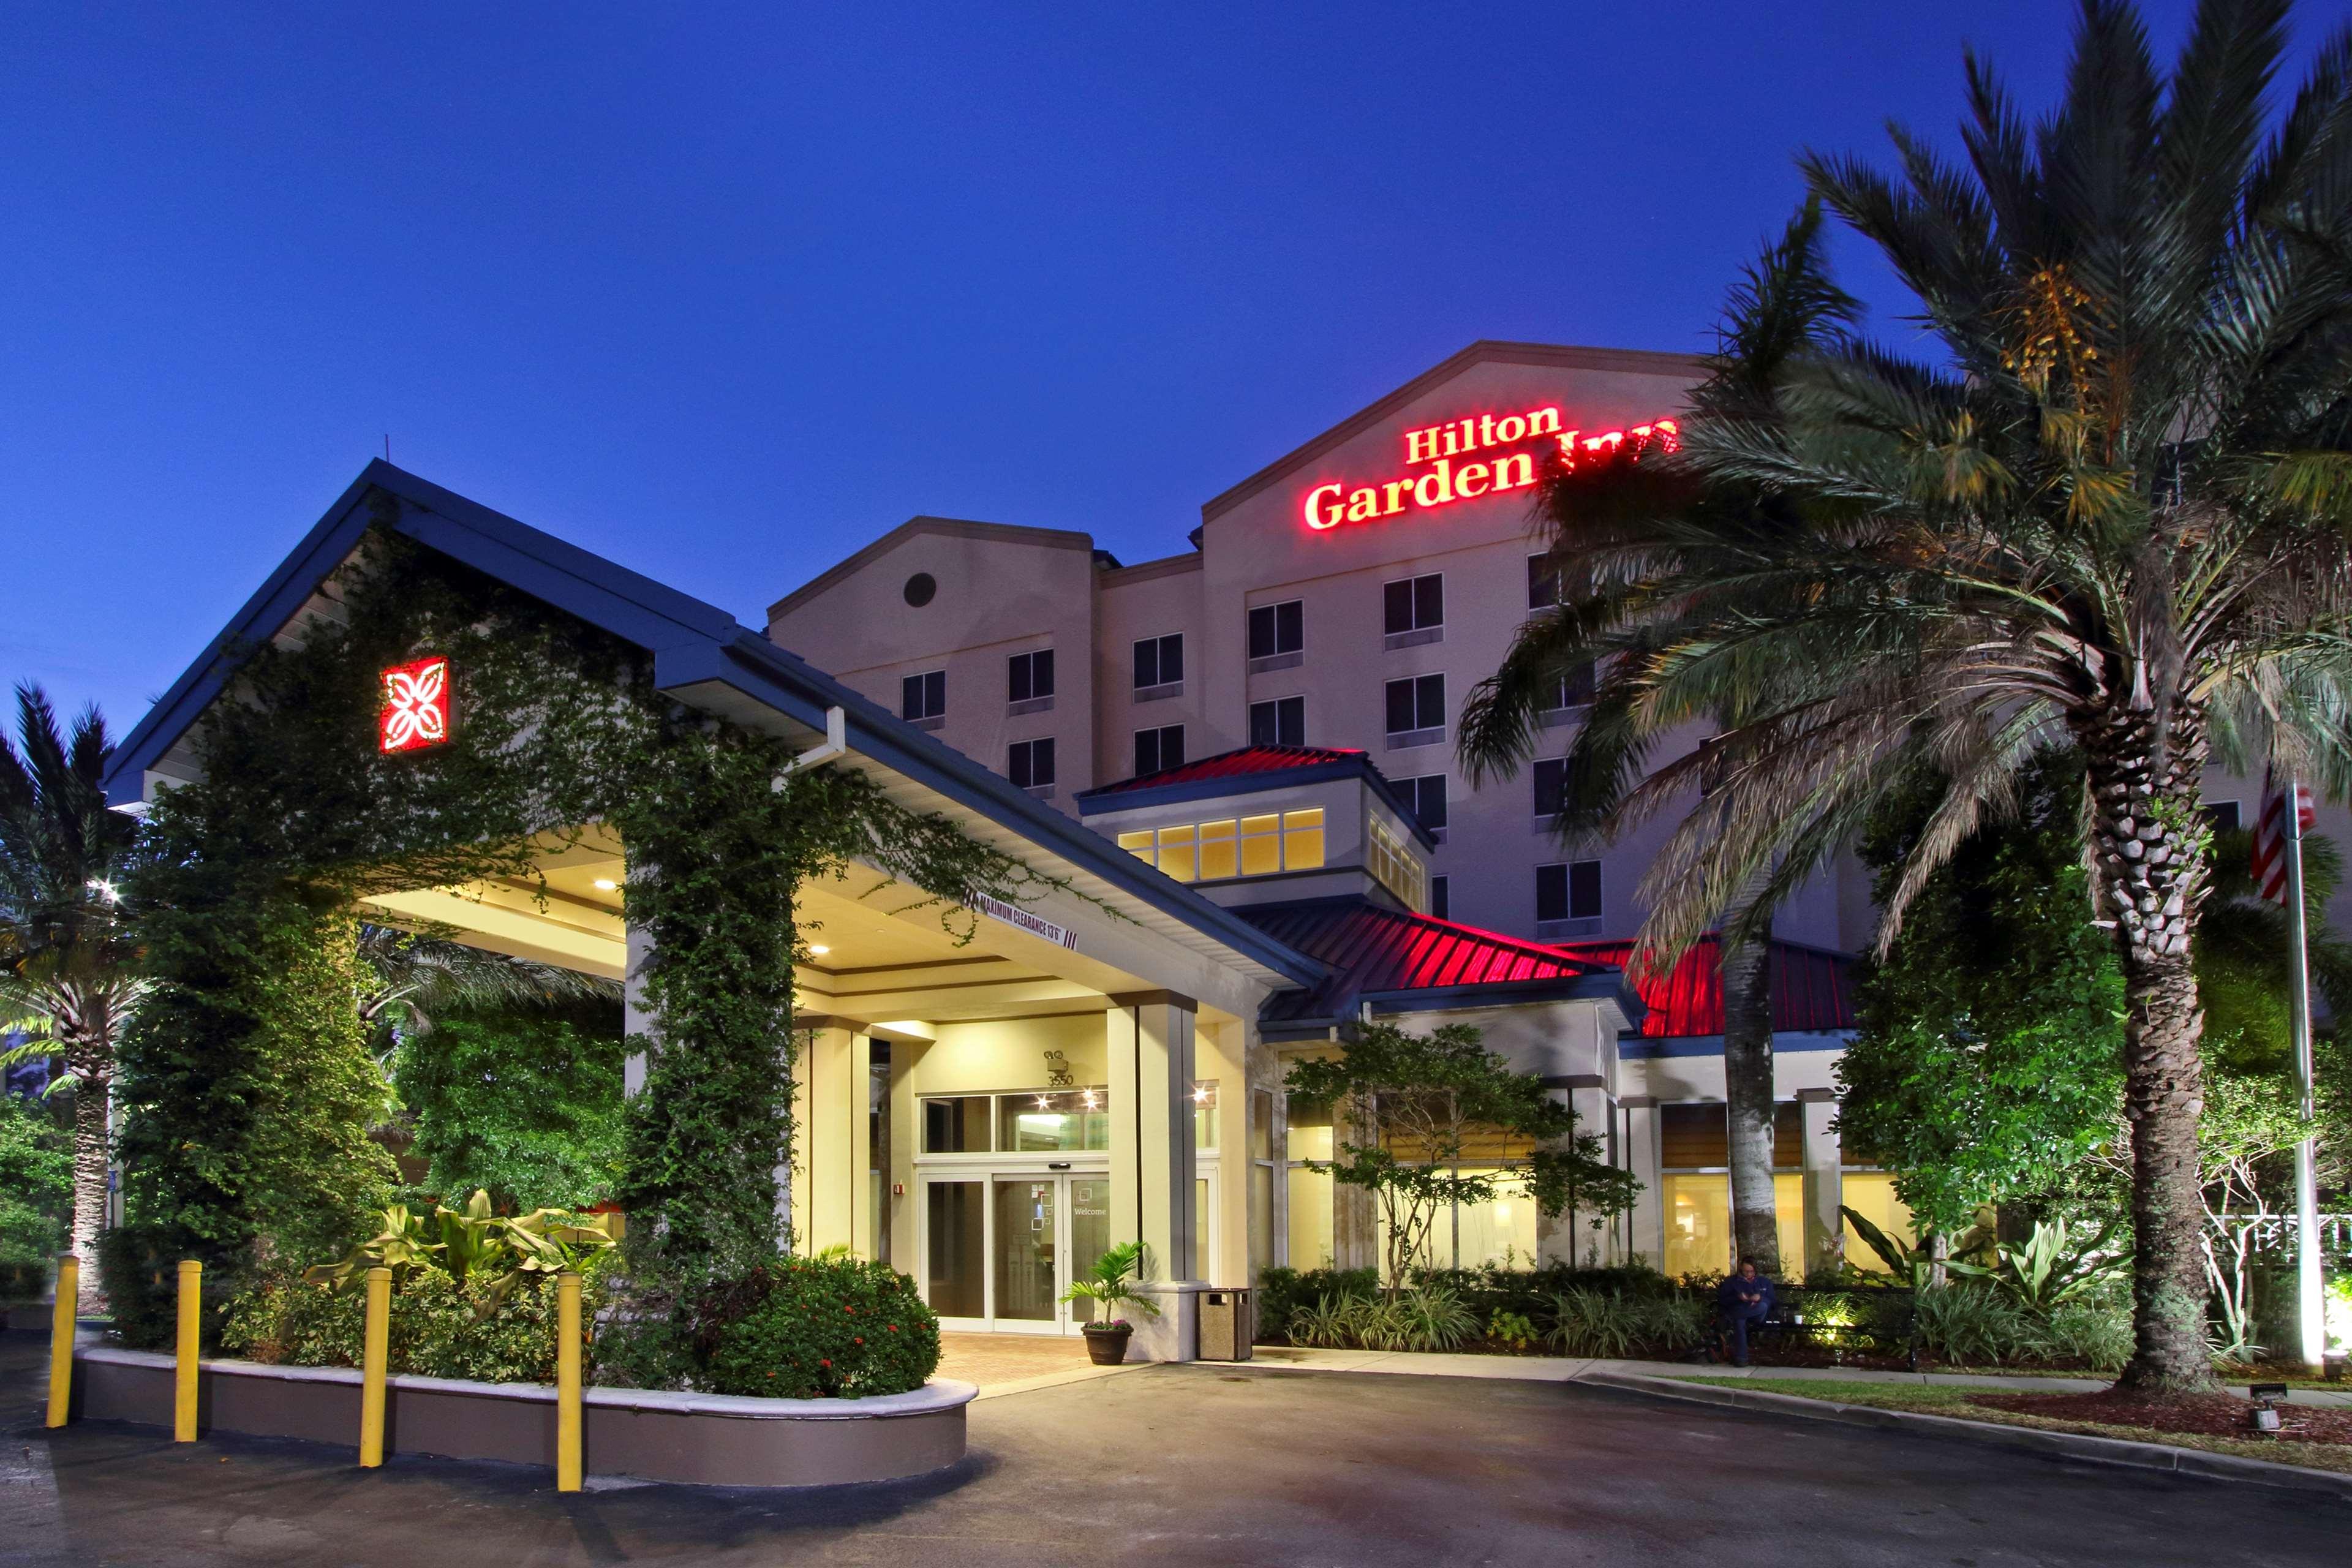 Hilton garden inn miami airport west miami florida fl - Hilton garden inn miami airport west ...